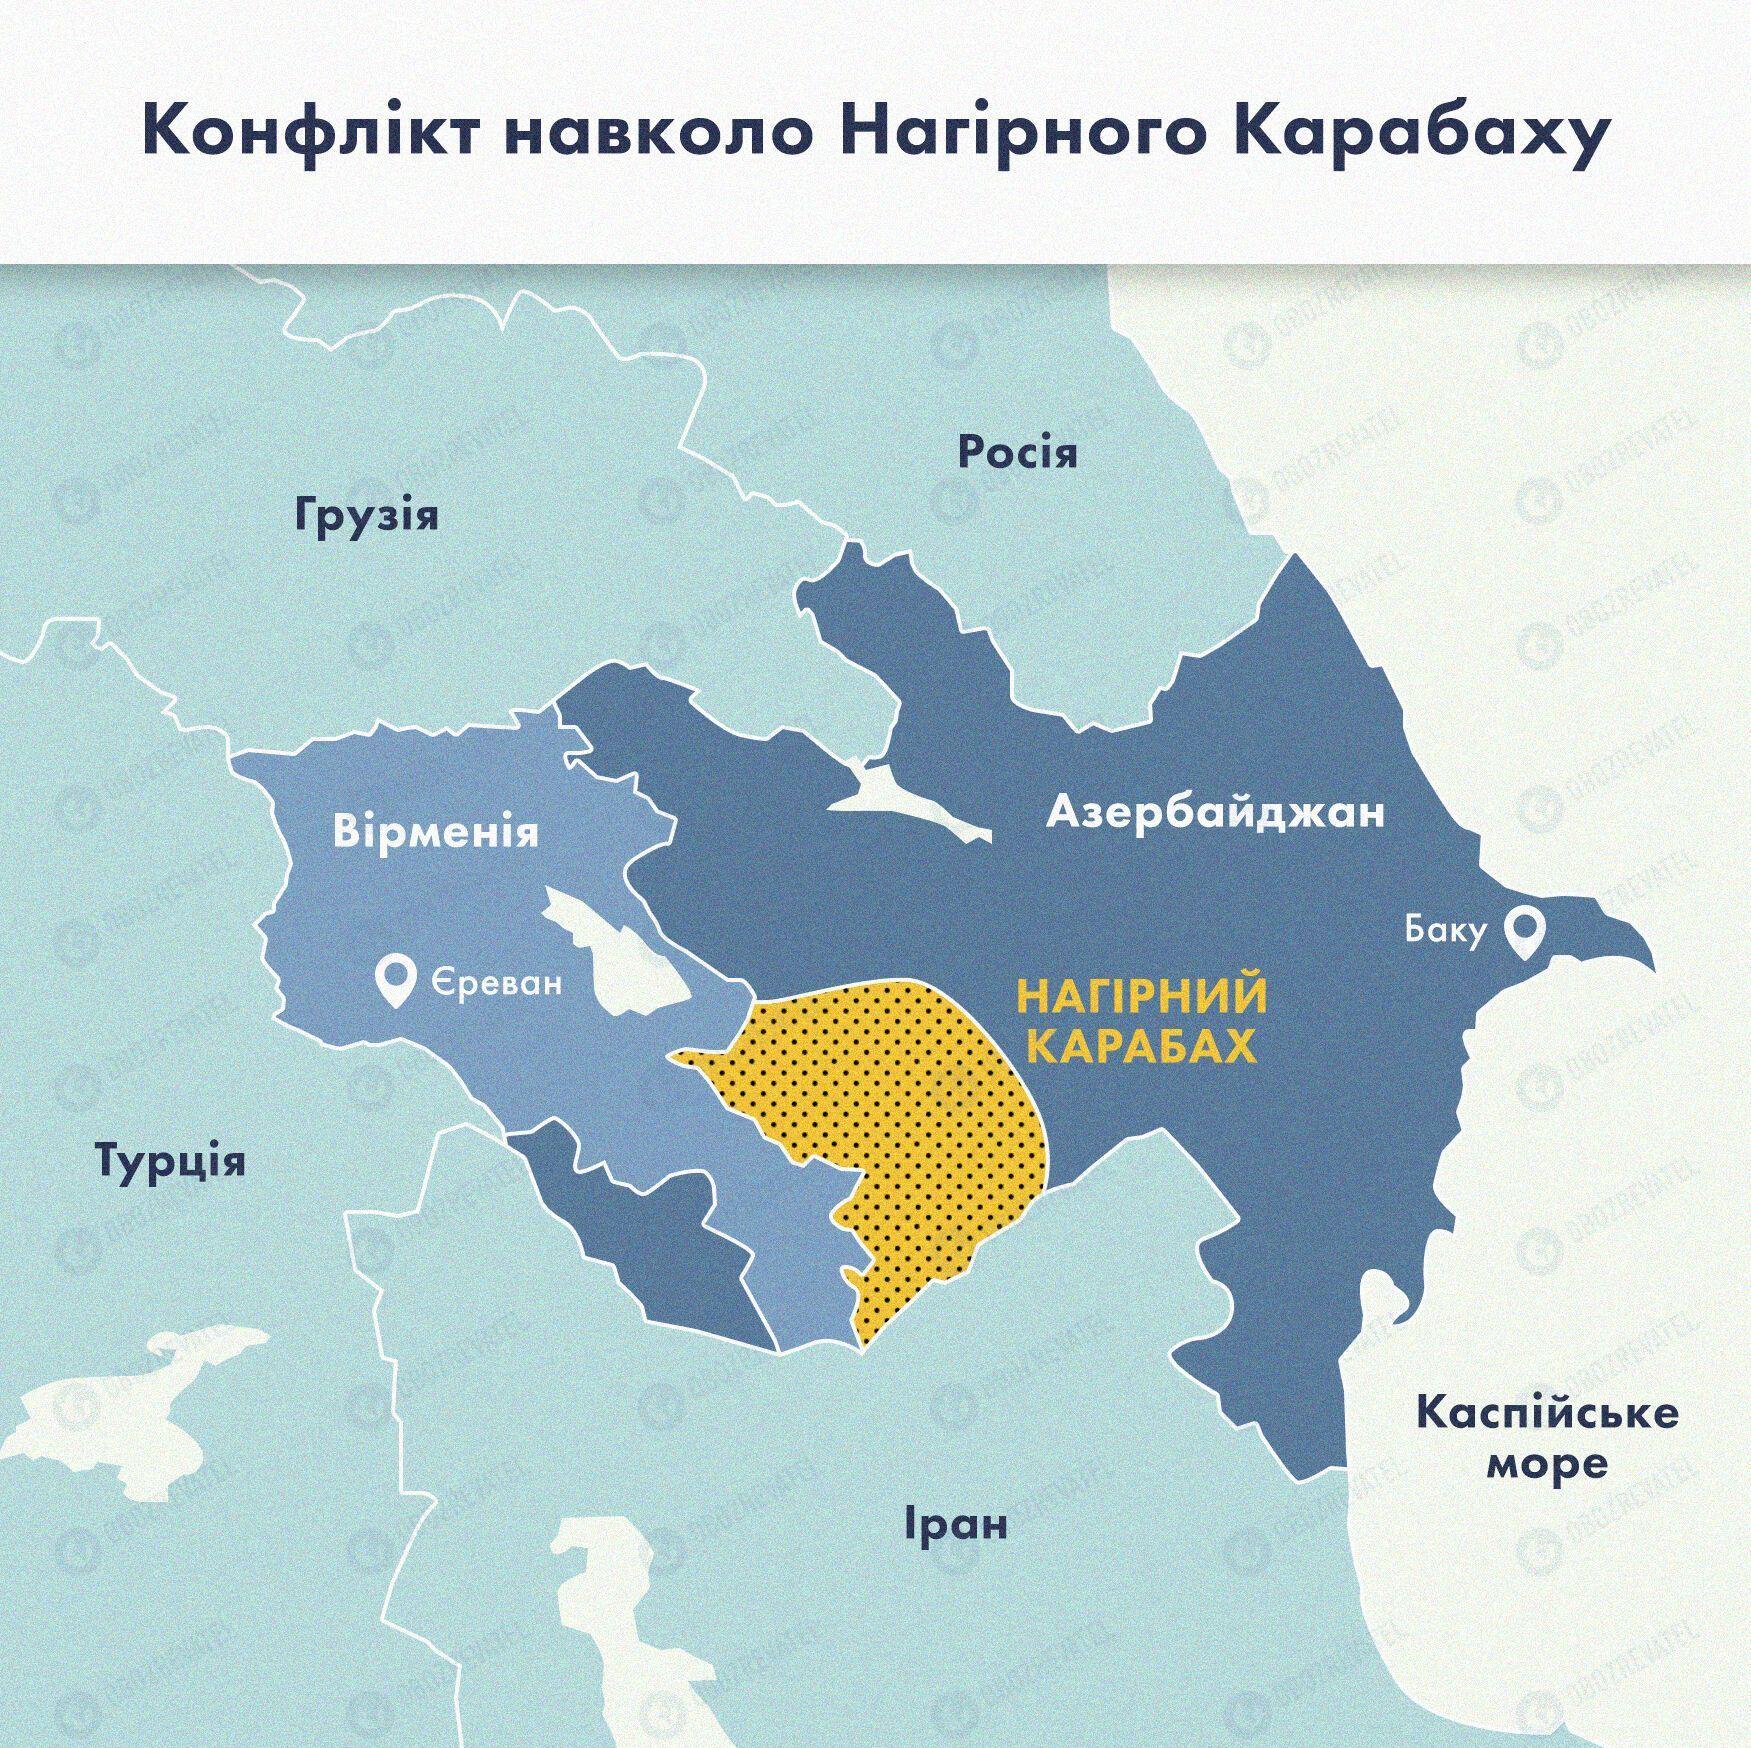 Карта конфлікту в Нагірному Карабасі.